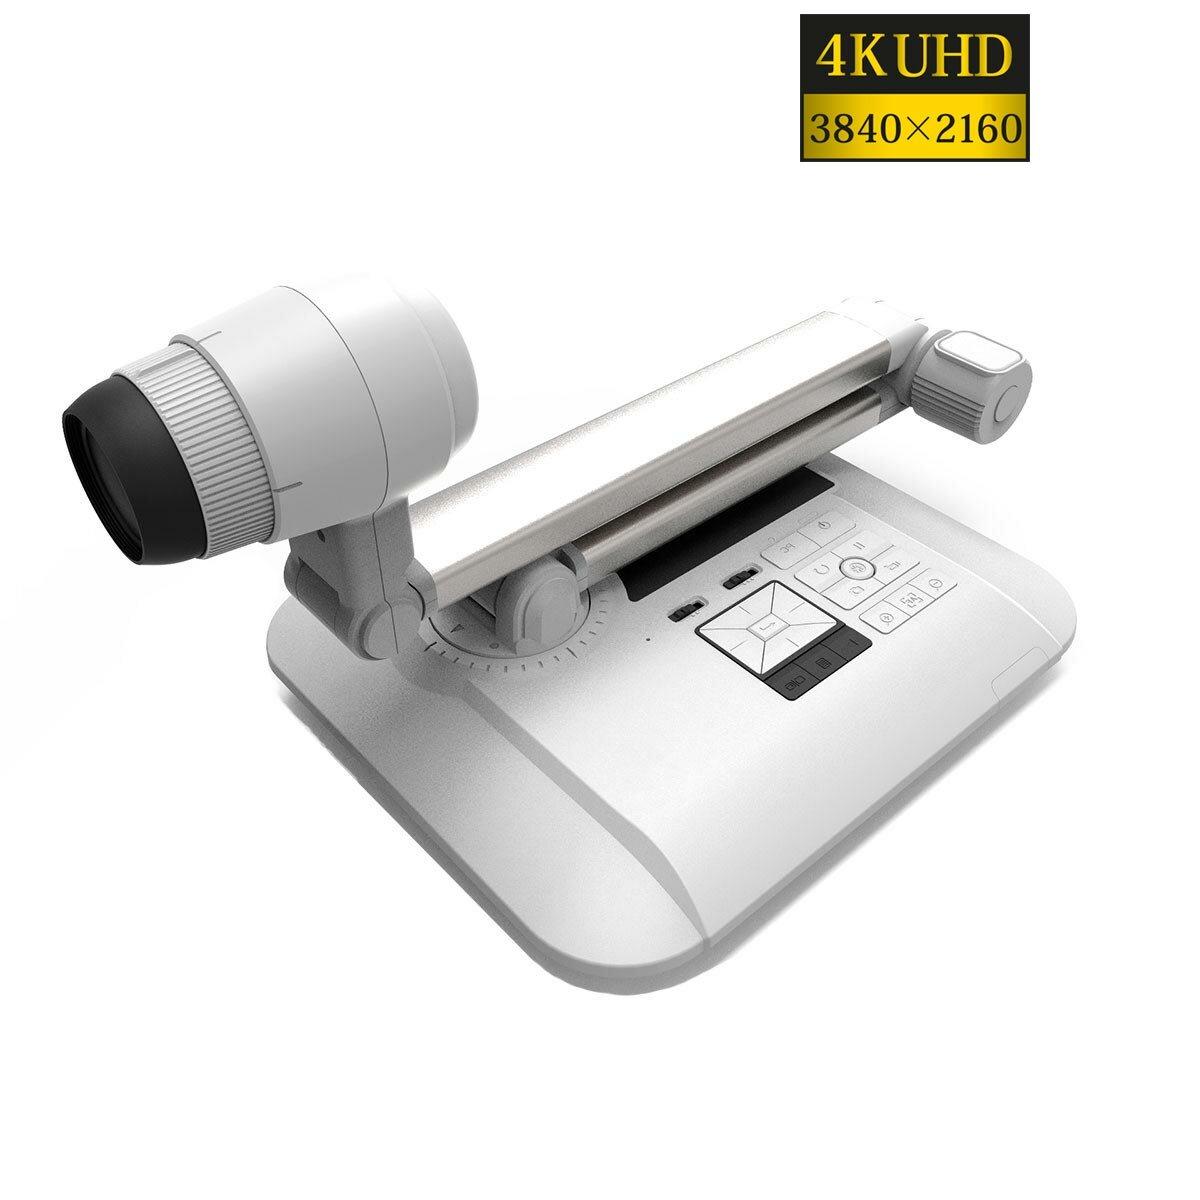 Документ-камеры DOKO DC817M